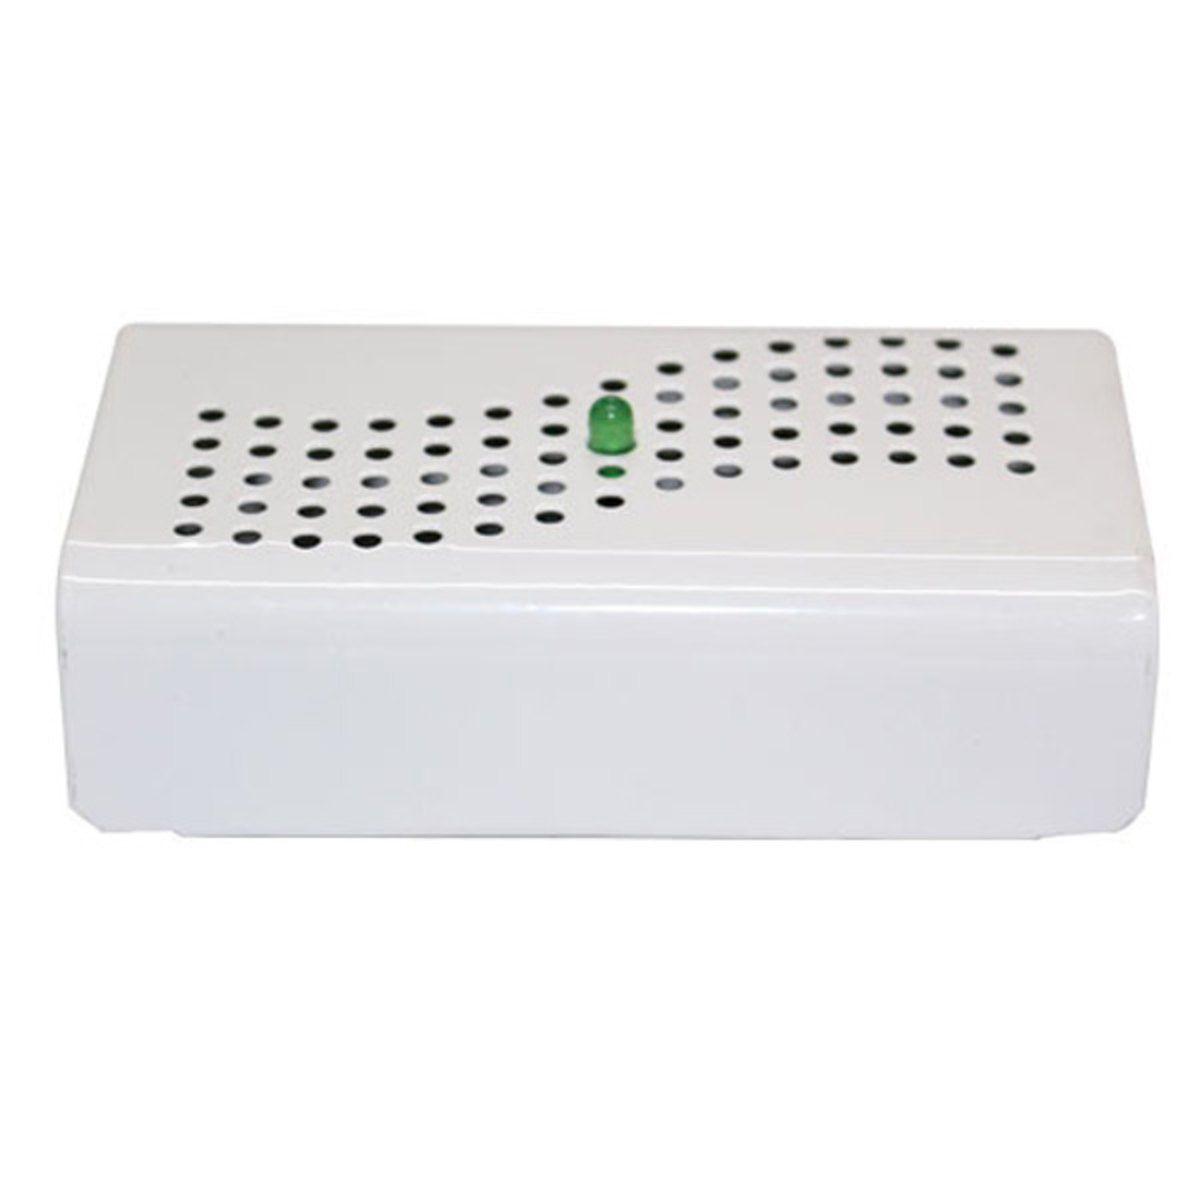 Desumidificador  Anti Mofo Eletrônico Anti Ácaro e Fungos - 5 unidades - 220V